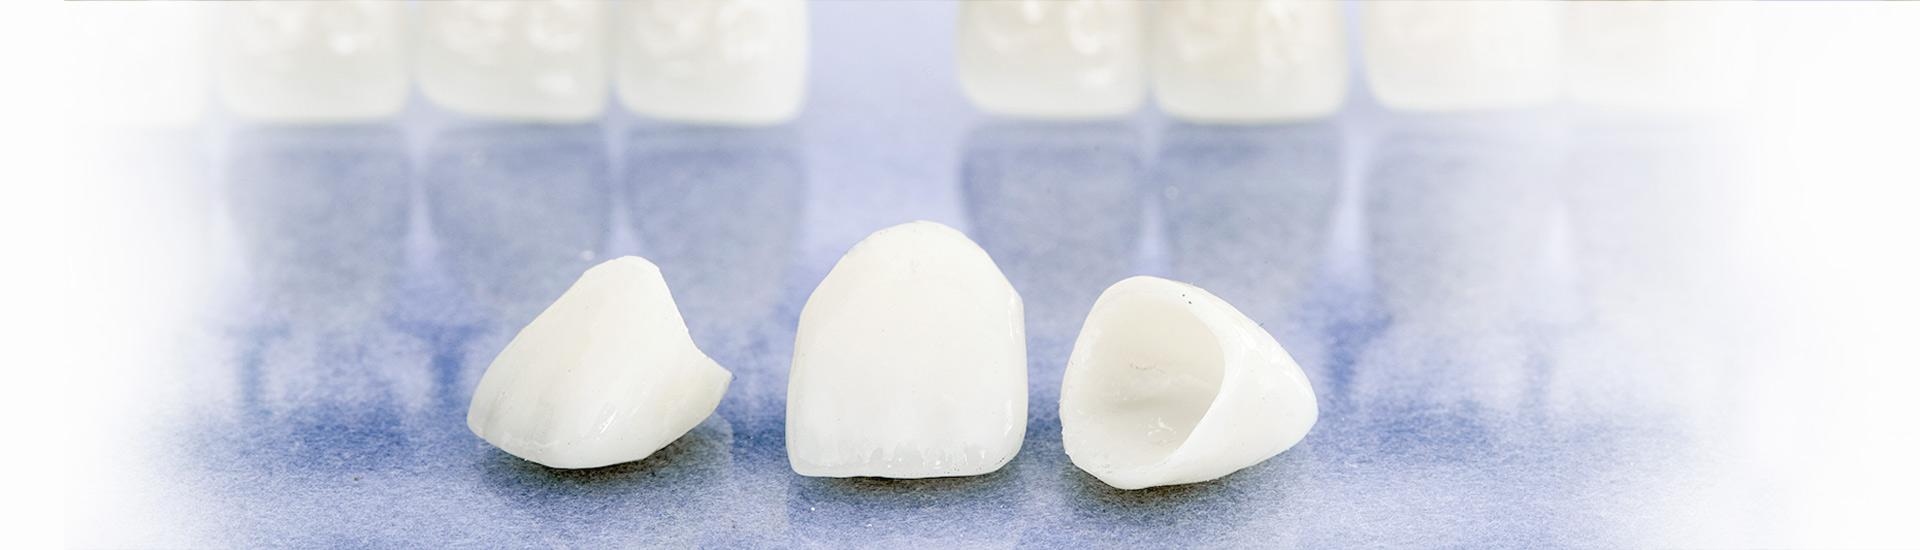 laboratoire de protheses dentaires